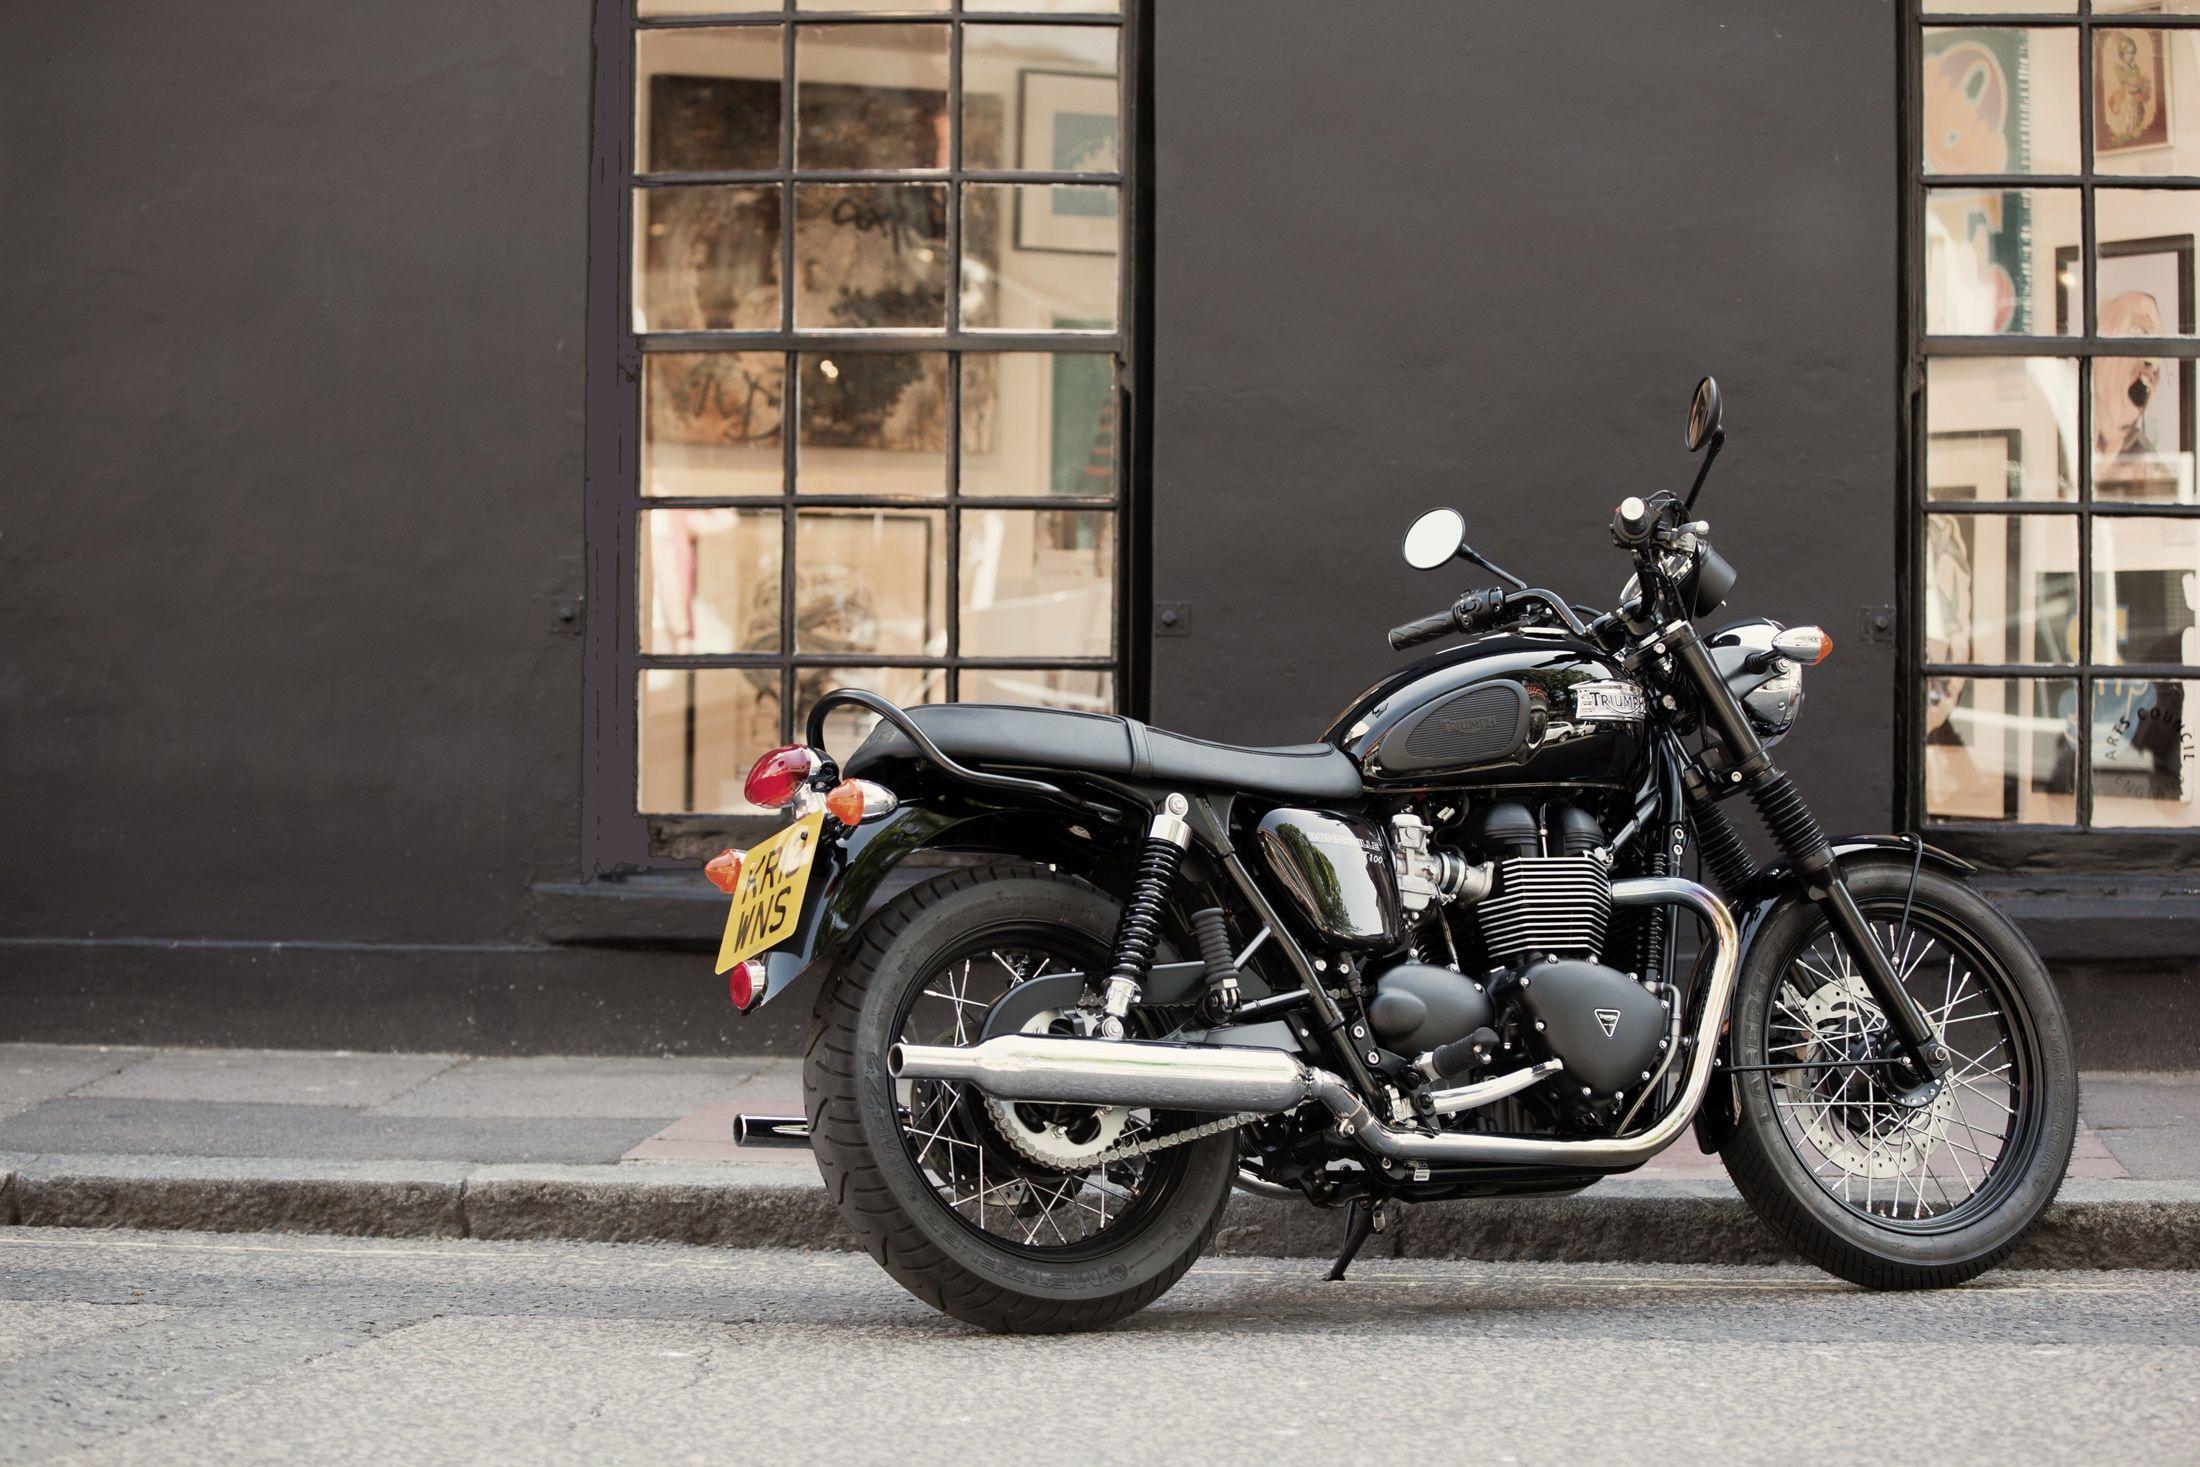 Bonneville t100 black triumph motorcycles